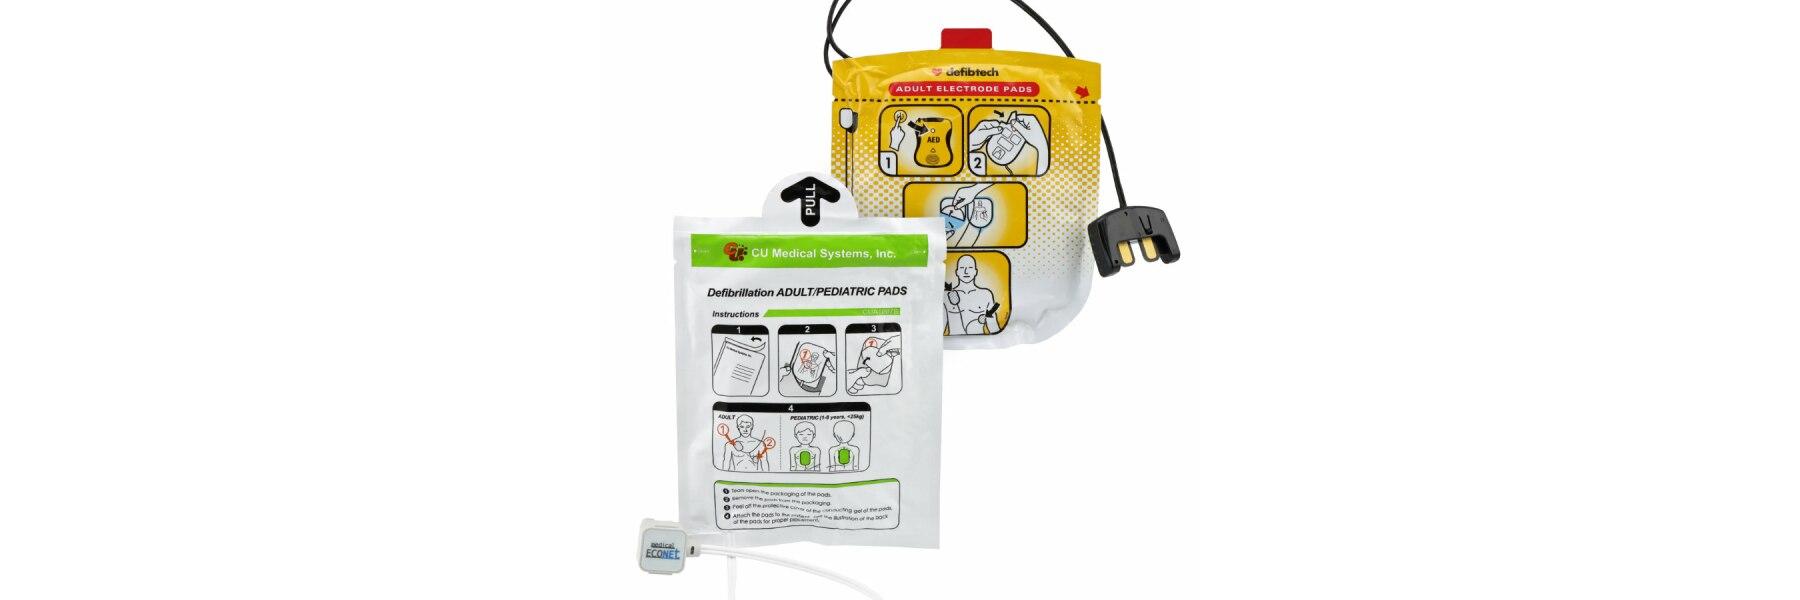 Defibrillator Pads & weiteres Zubehör